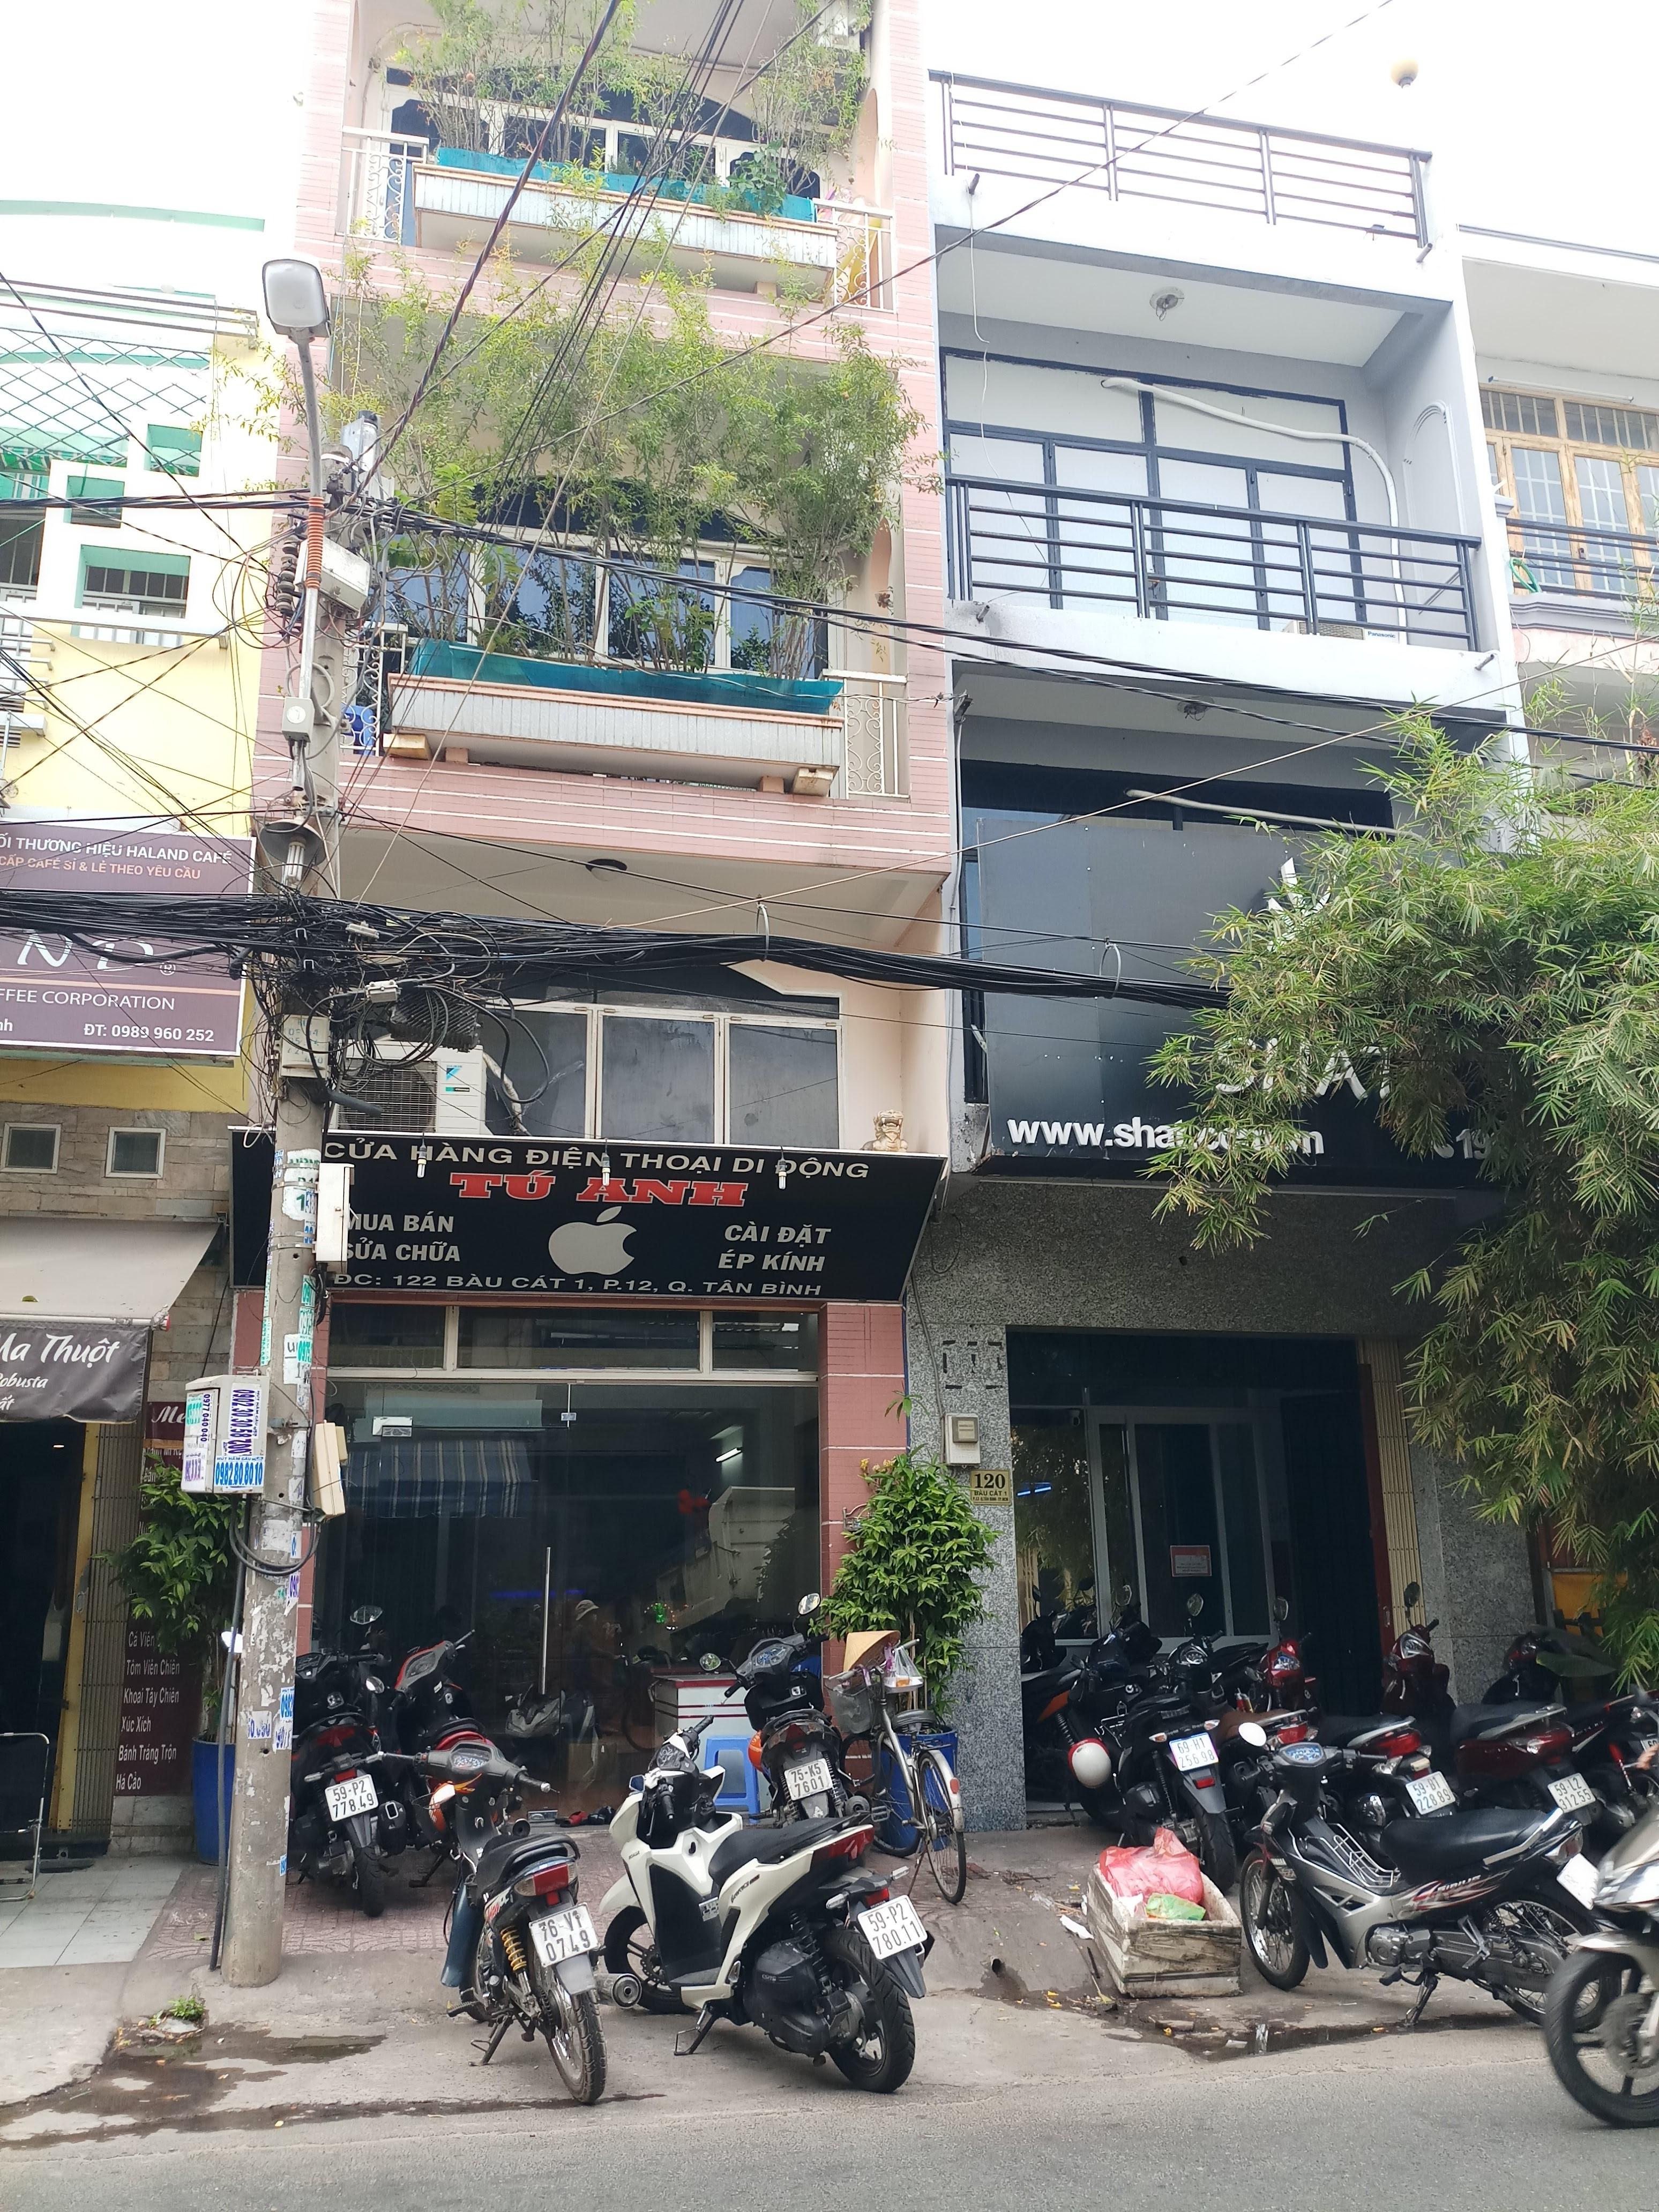 Bán nhà MT Hoàng Hoa Thám, P.12, Tân Bình; 4 x 22m, 4 lầu, ngay chợ Hoàng Hoa Thám